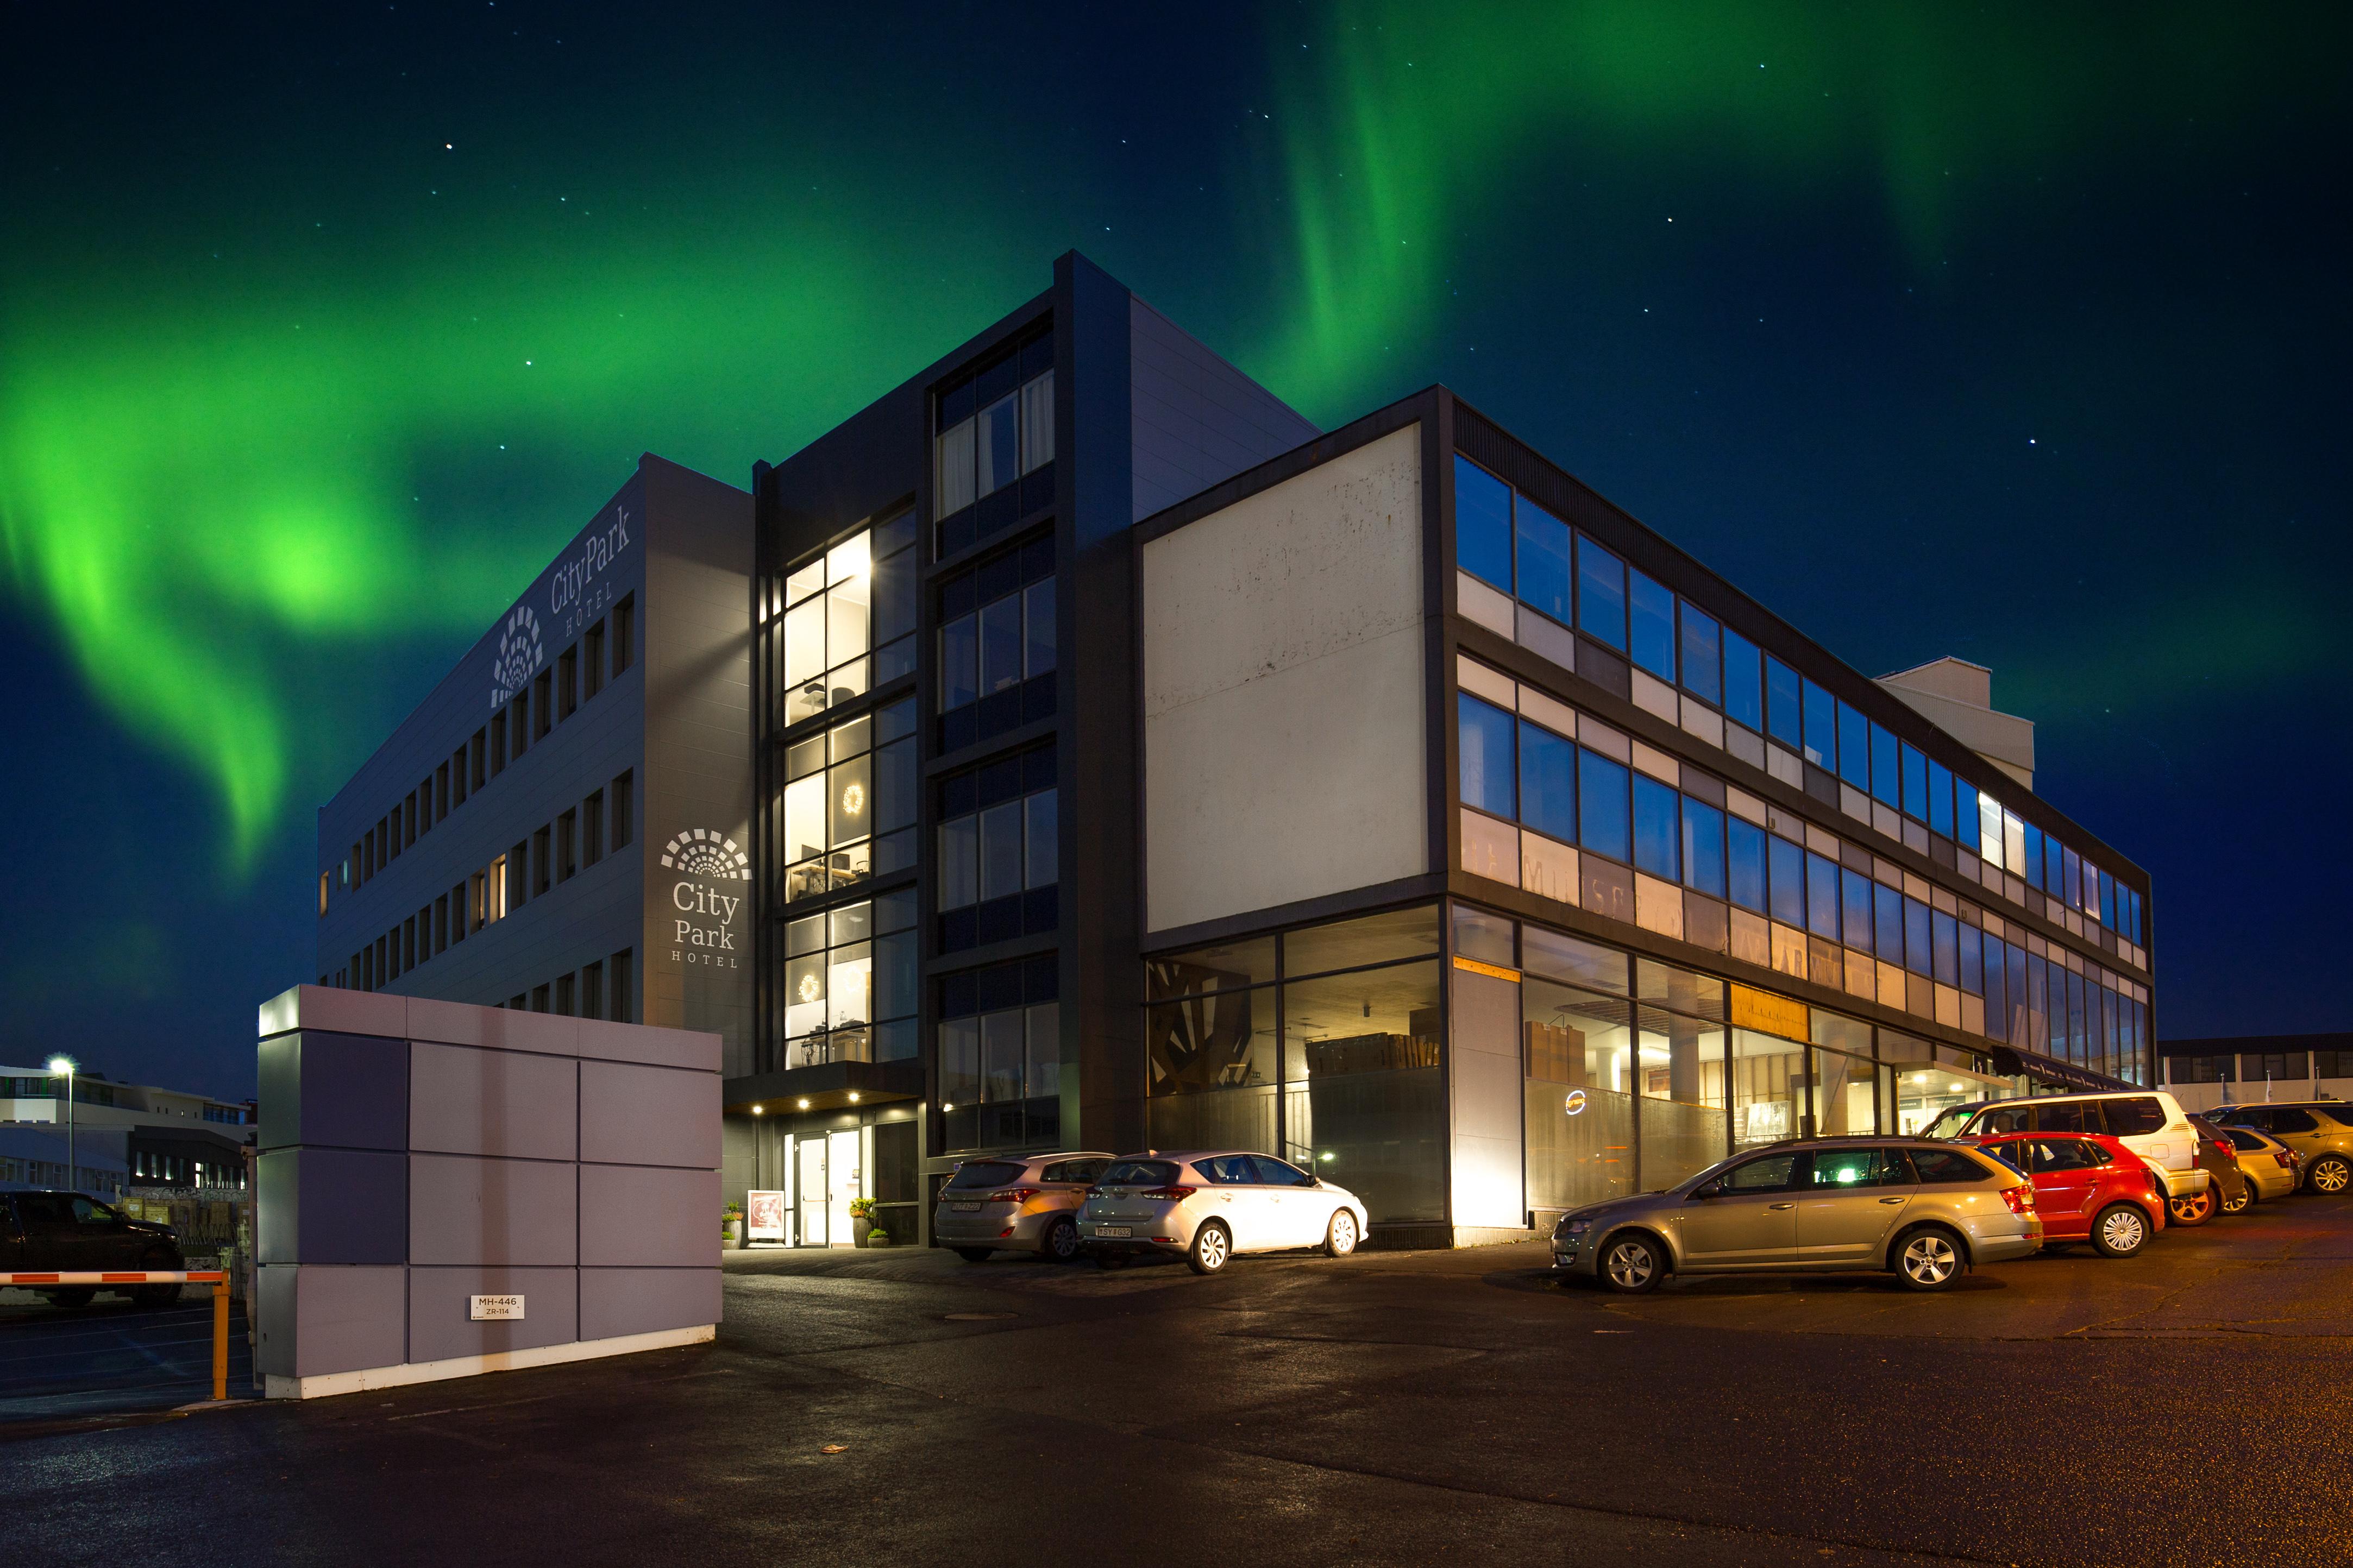 City Park Hotel, Reykjavík